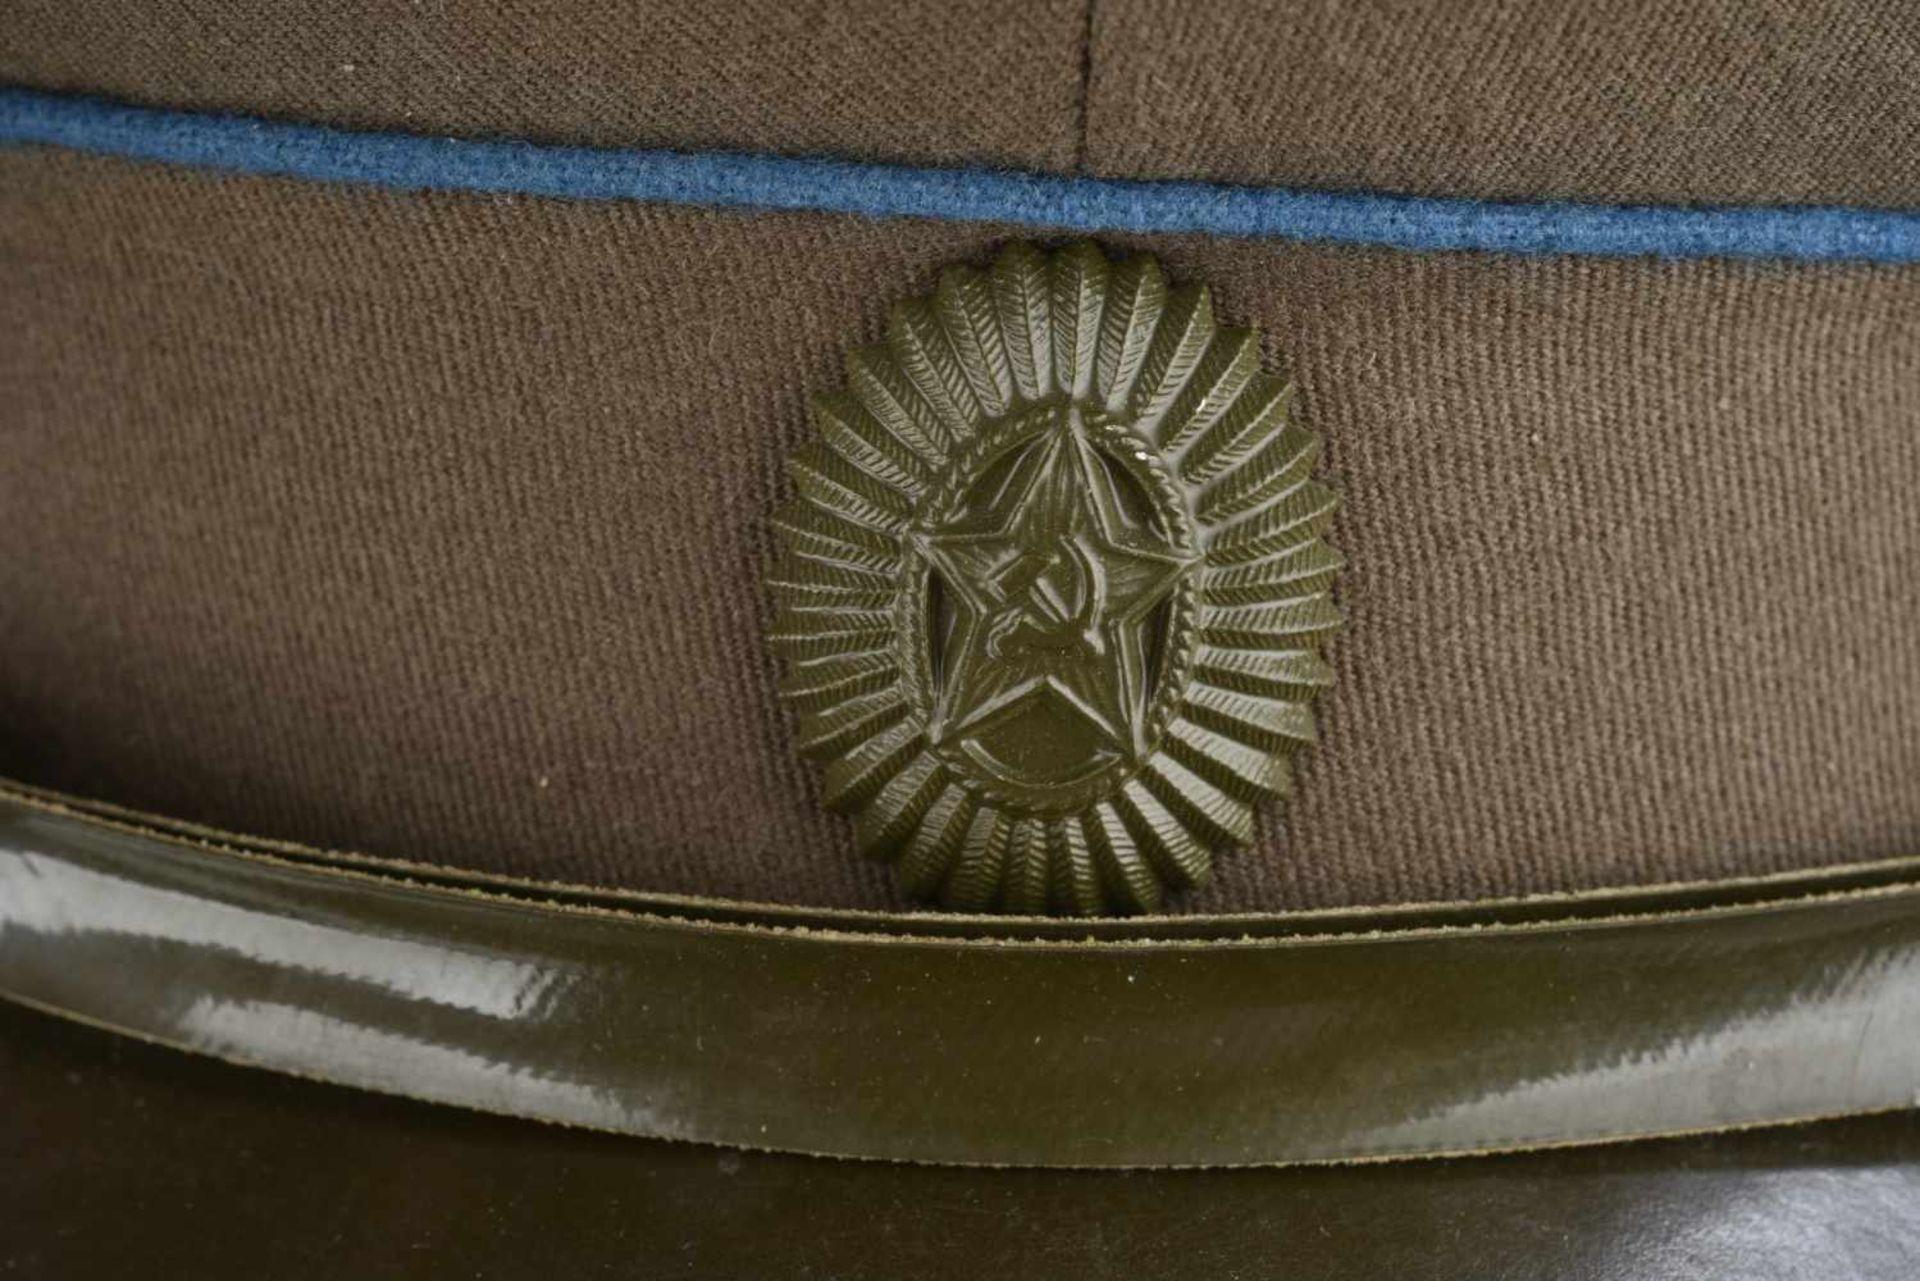 Casquette combat de général soviétique de l'armée de l'air En tissu kaki, double liseré bleu. - Bild 3 aus 4